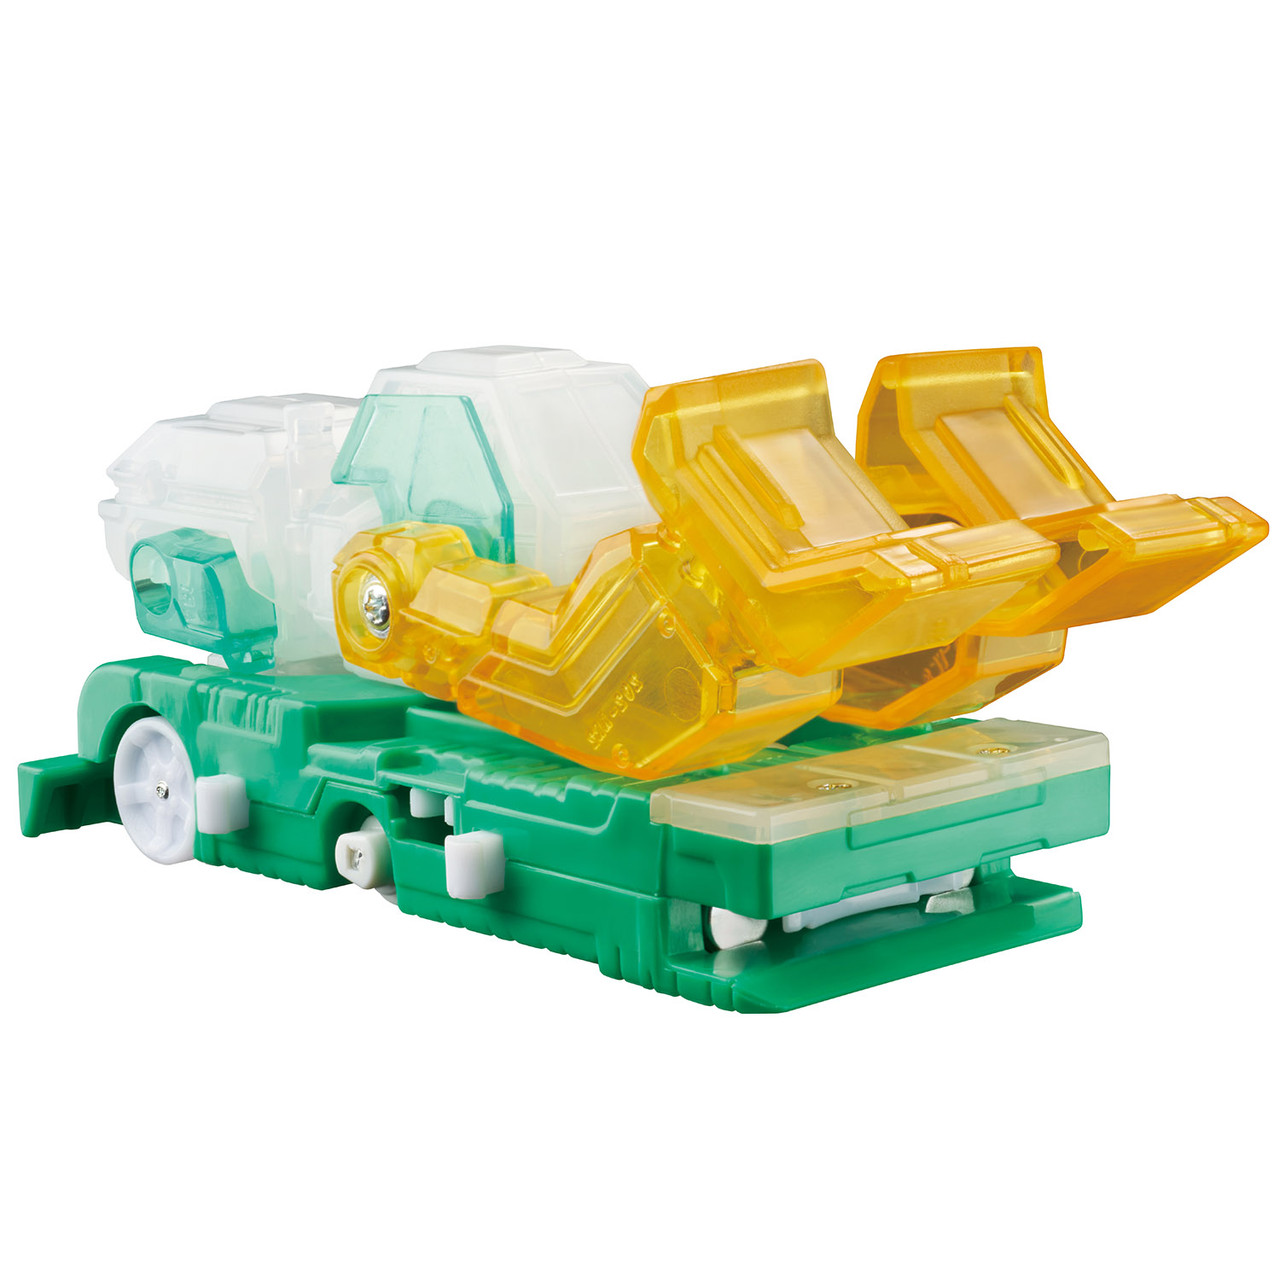 Дикие Скричеры. Машинка - трансформер - Фроузен Сноу Screechers Wild - фото 2